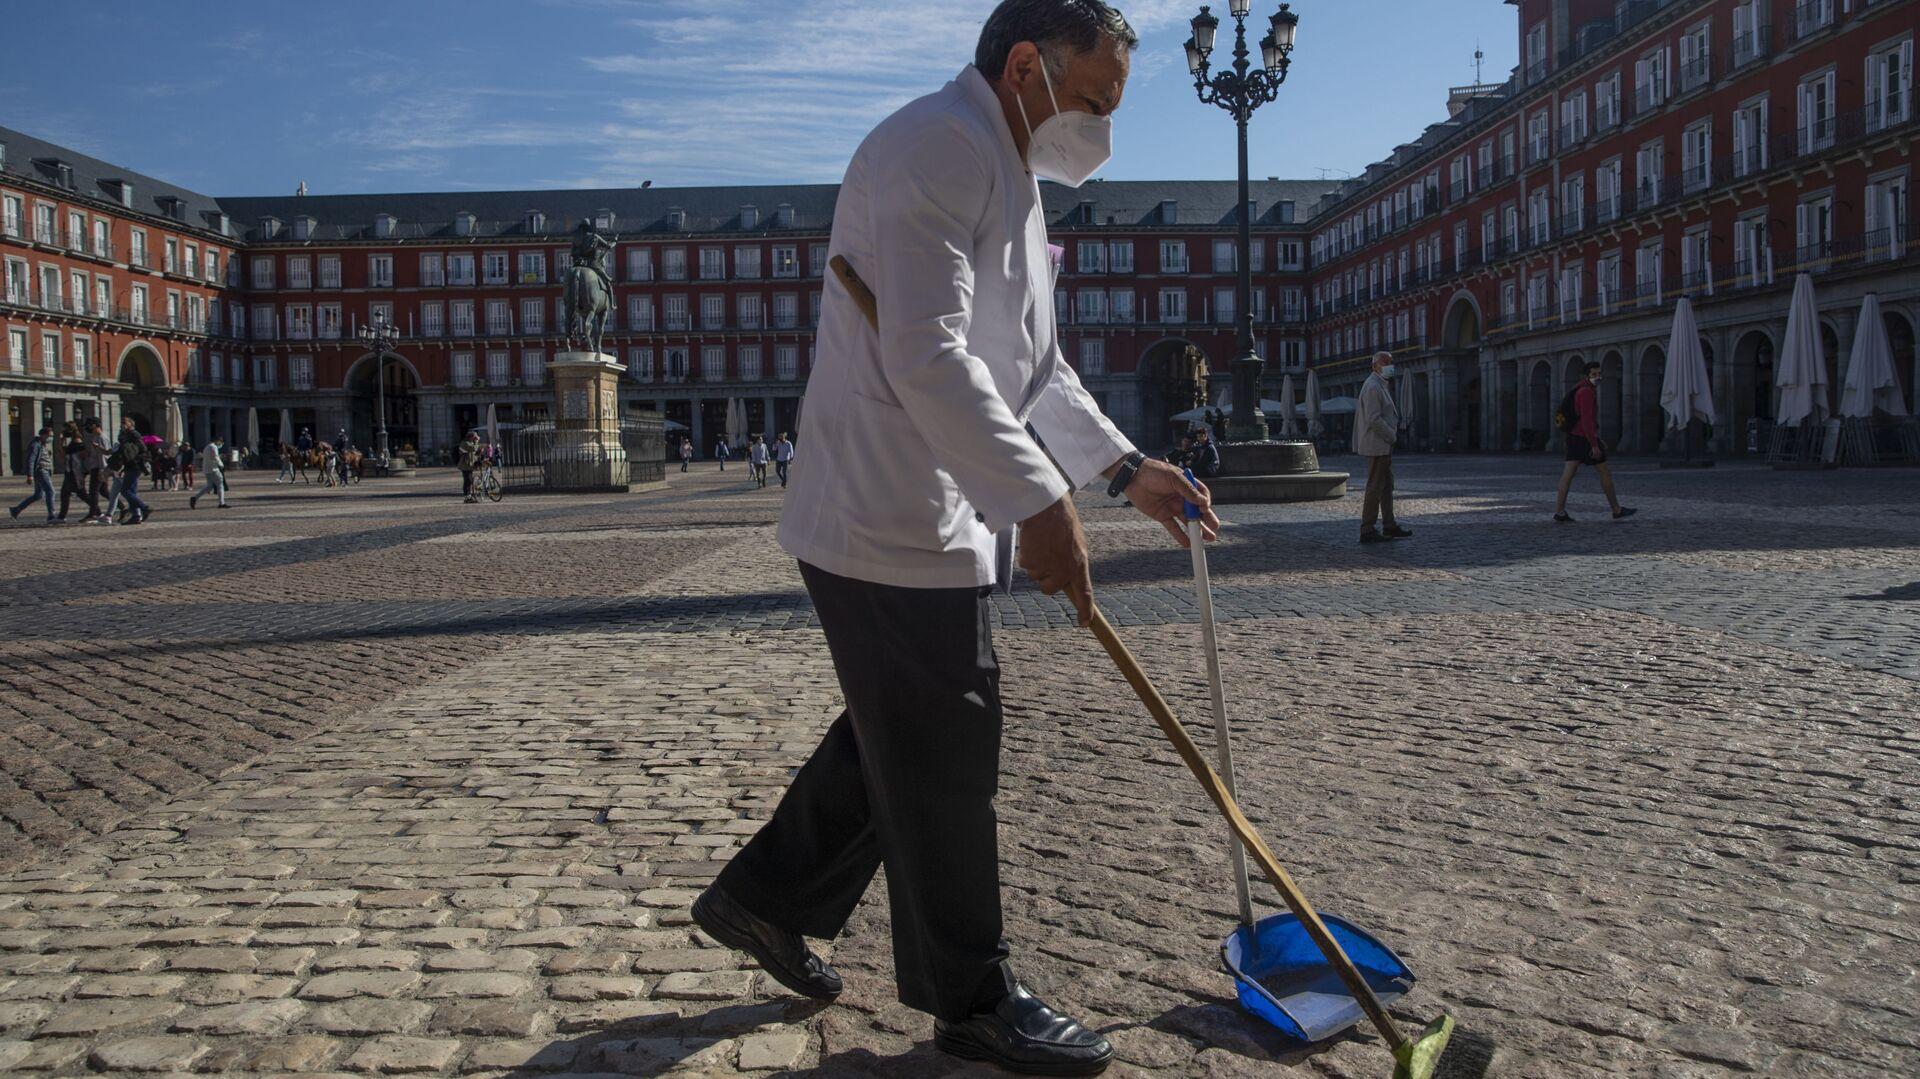 Un camarero con mascarilla limpiando en una de las terrazas de la Plaza Mayor de Madrid - Sputnik Mundo, 1920, 01.02.2021